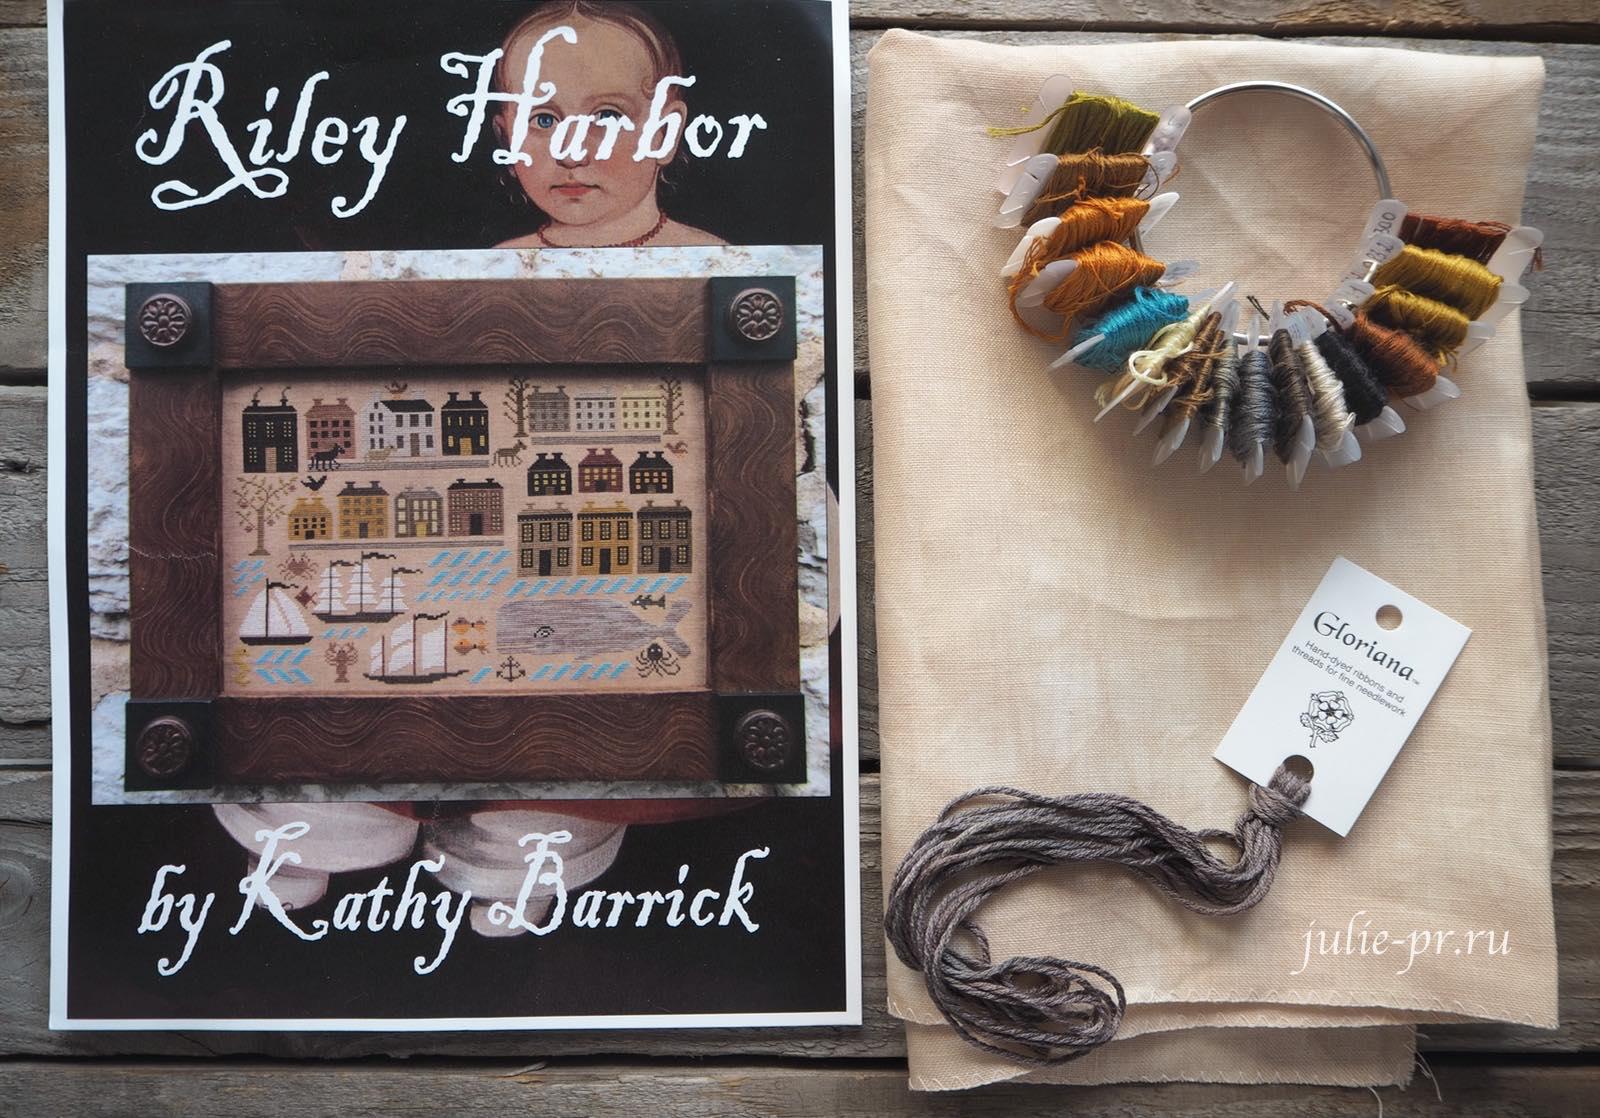 Kathy Barrick, Riley Harbor, гавань райли, вышивка крестом, примитив